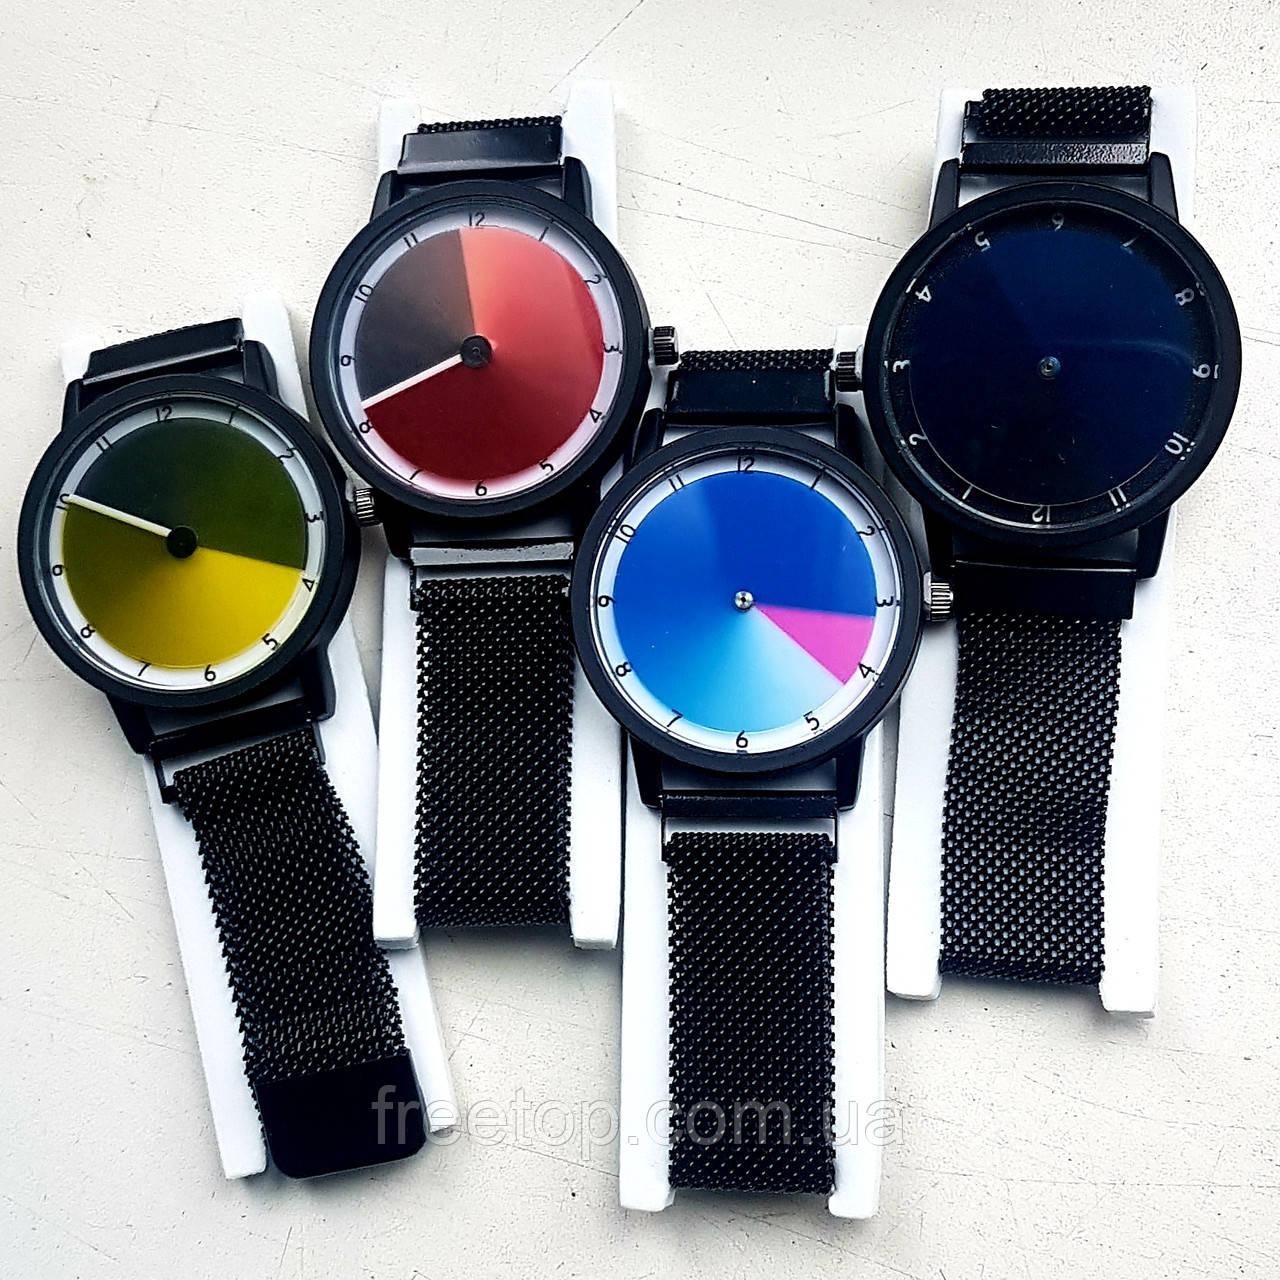 Жіночі наручні годинники в стилі Rainbow Watch — годинник міняють колір